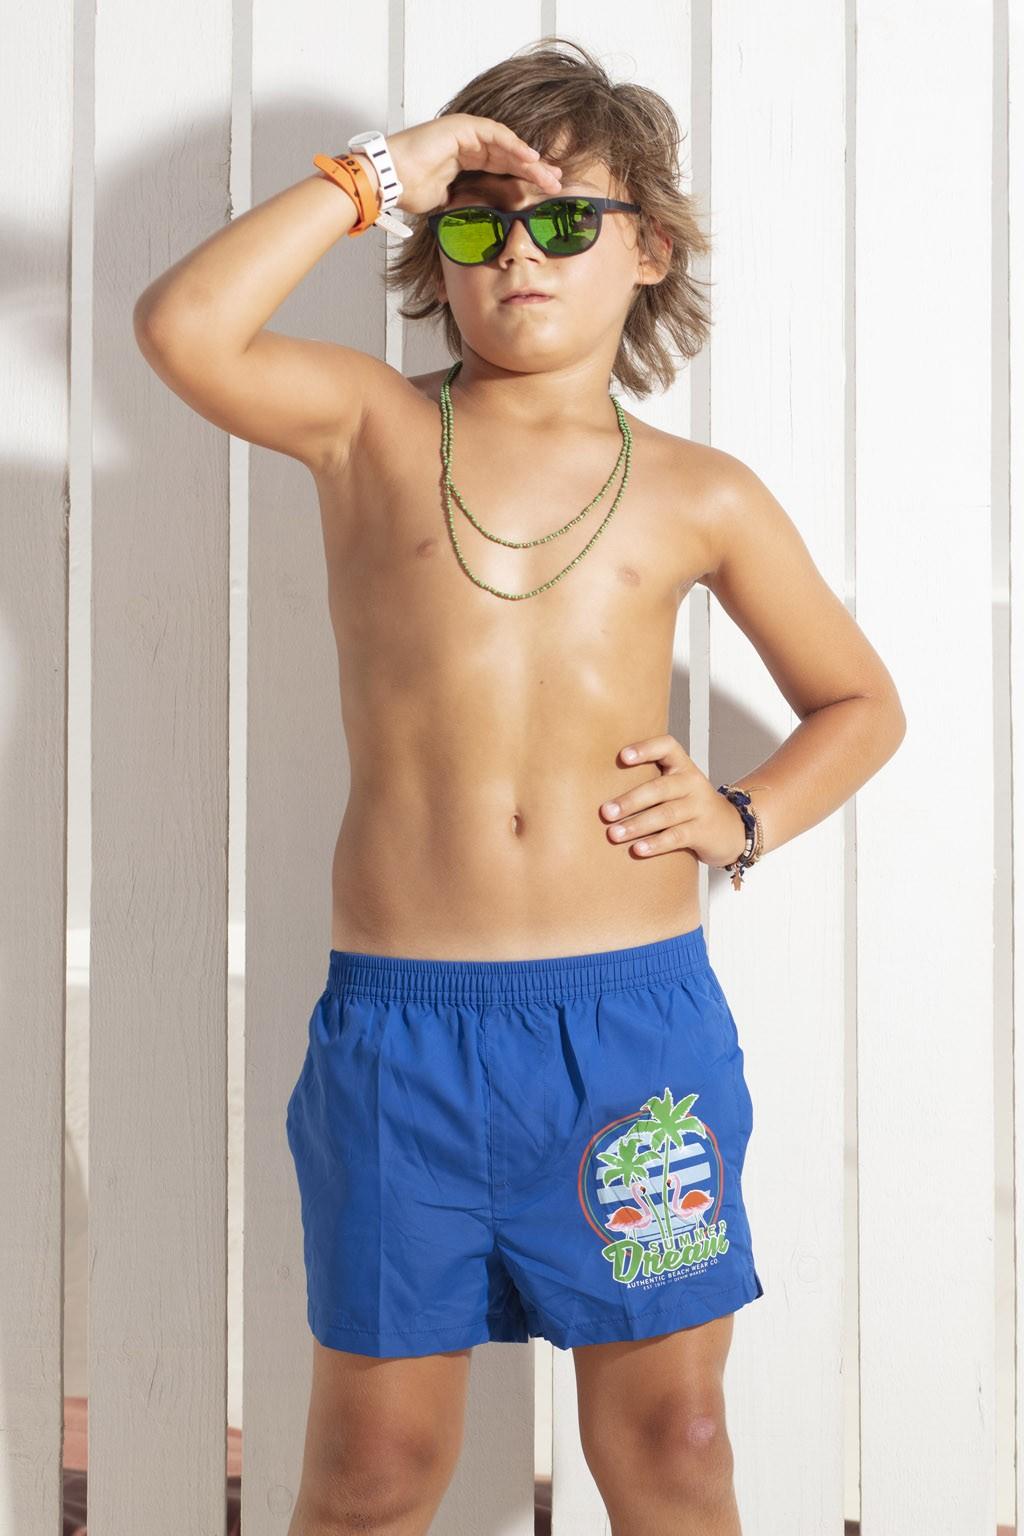 Acquista subito i boxer da mare tinta unita da bambino di Sweet Years, con stampa multicolor sulla gamba.